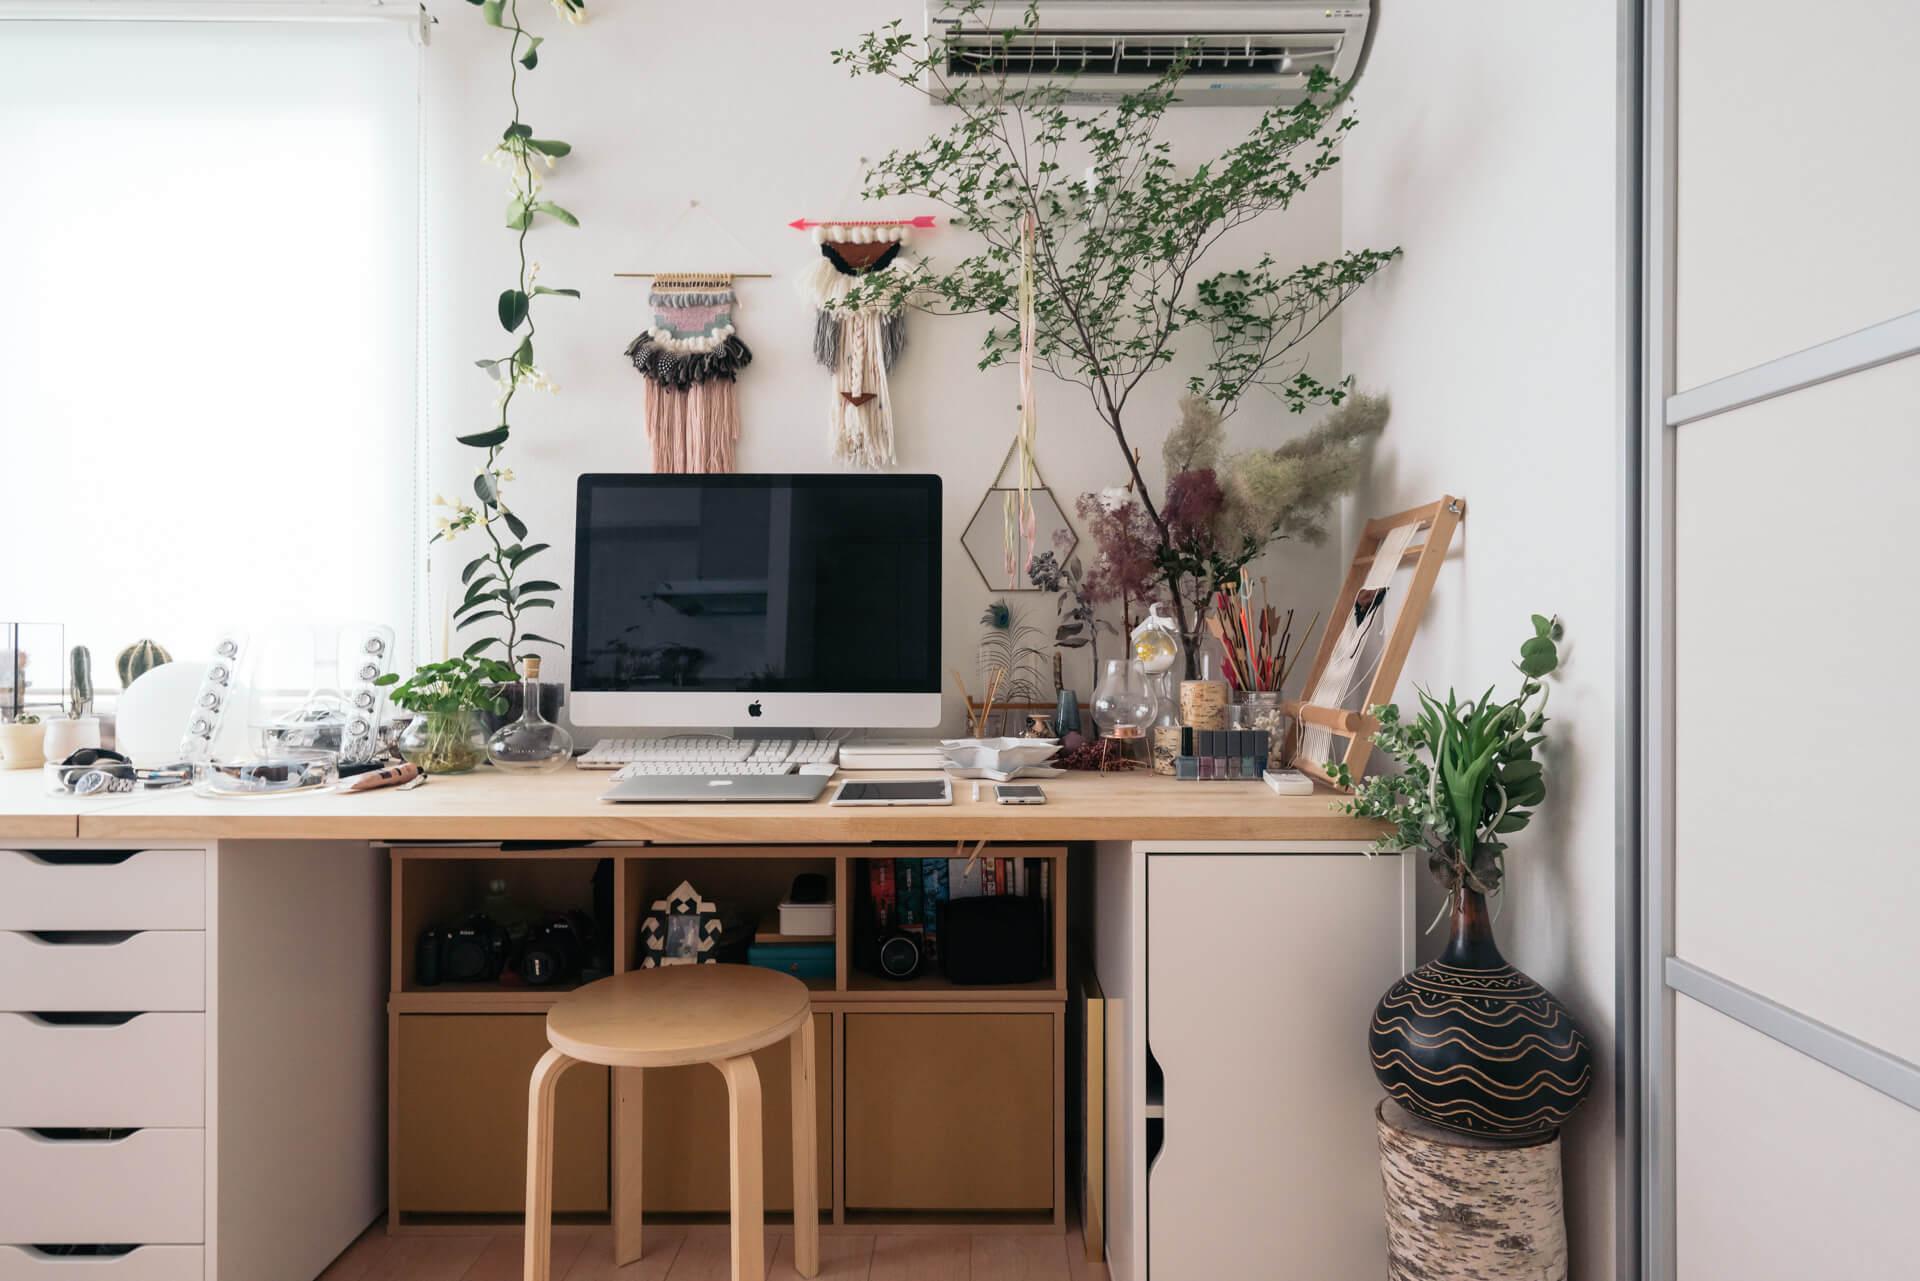 IKEAの木製スツールの魅力は、シンプルなそのデザイン。特に小さなお部屋では存在を主張しすぎることなく、すっと馴染む優等生です。